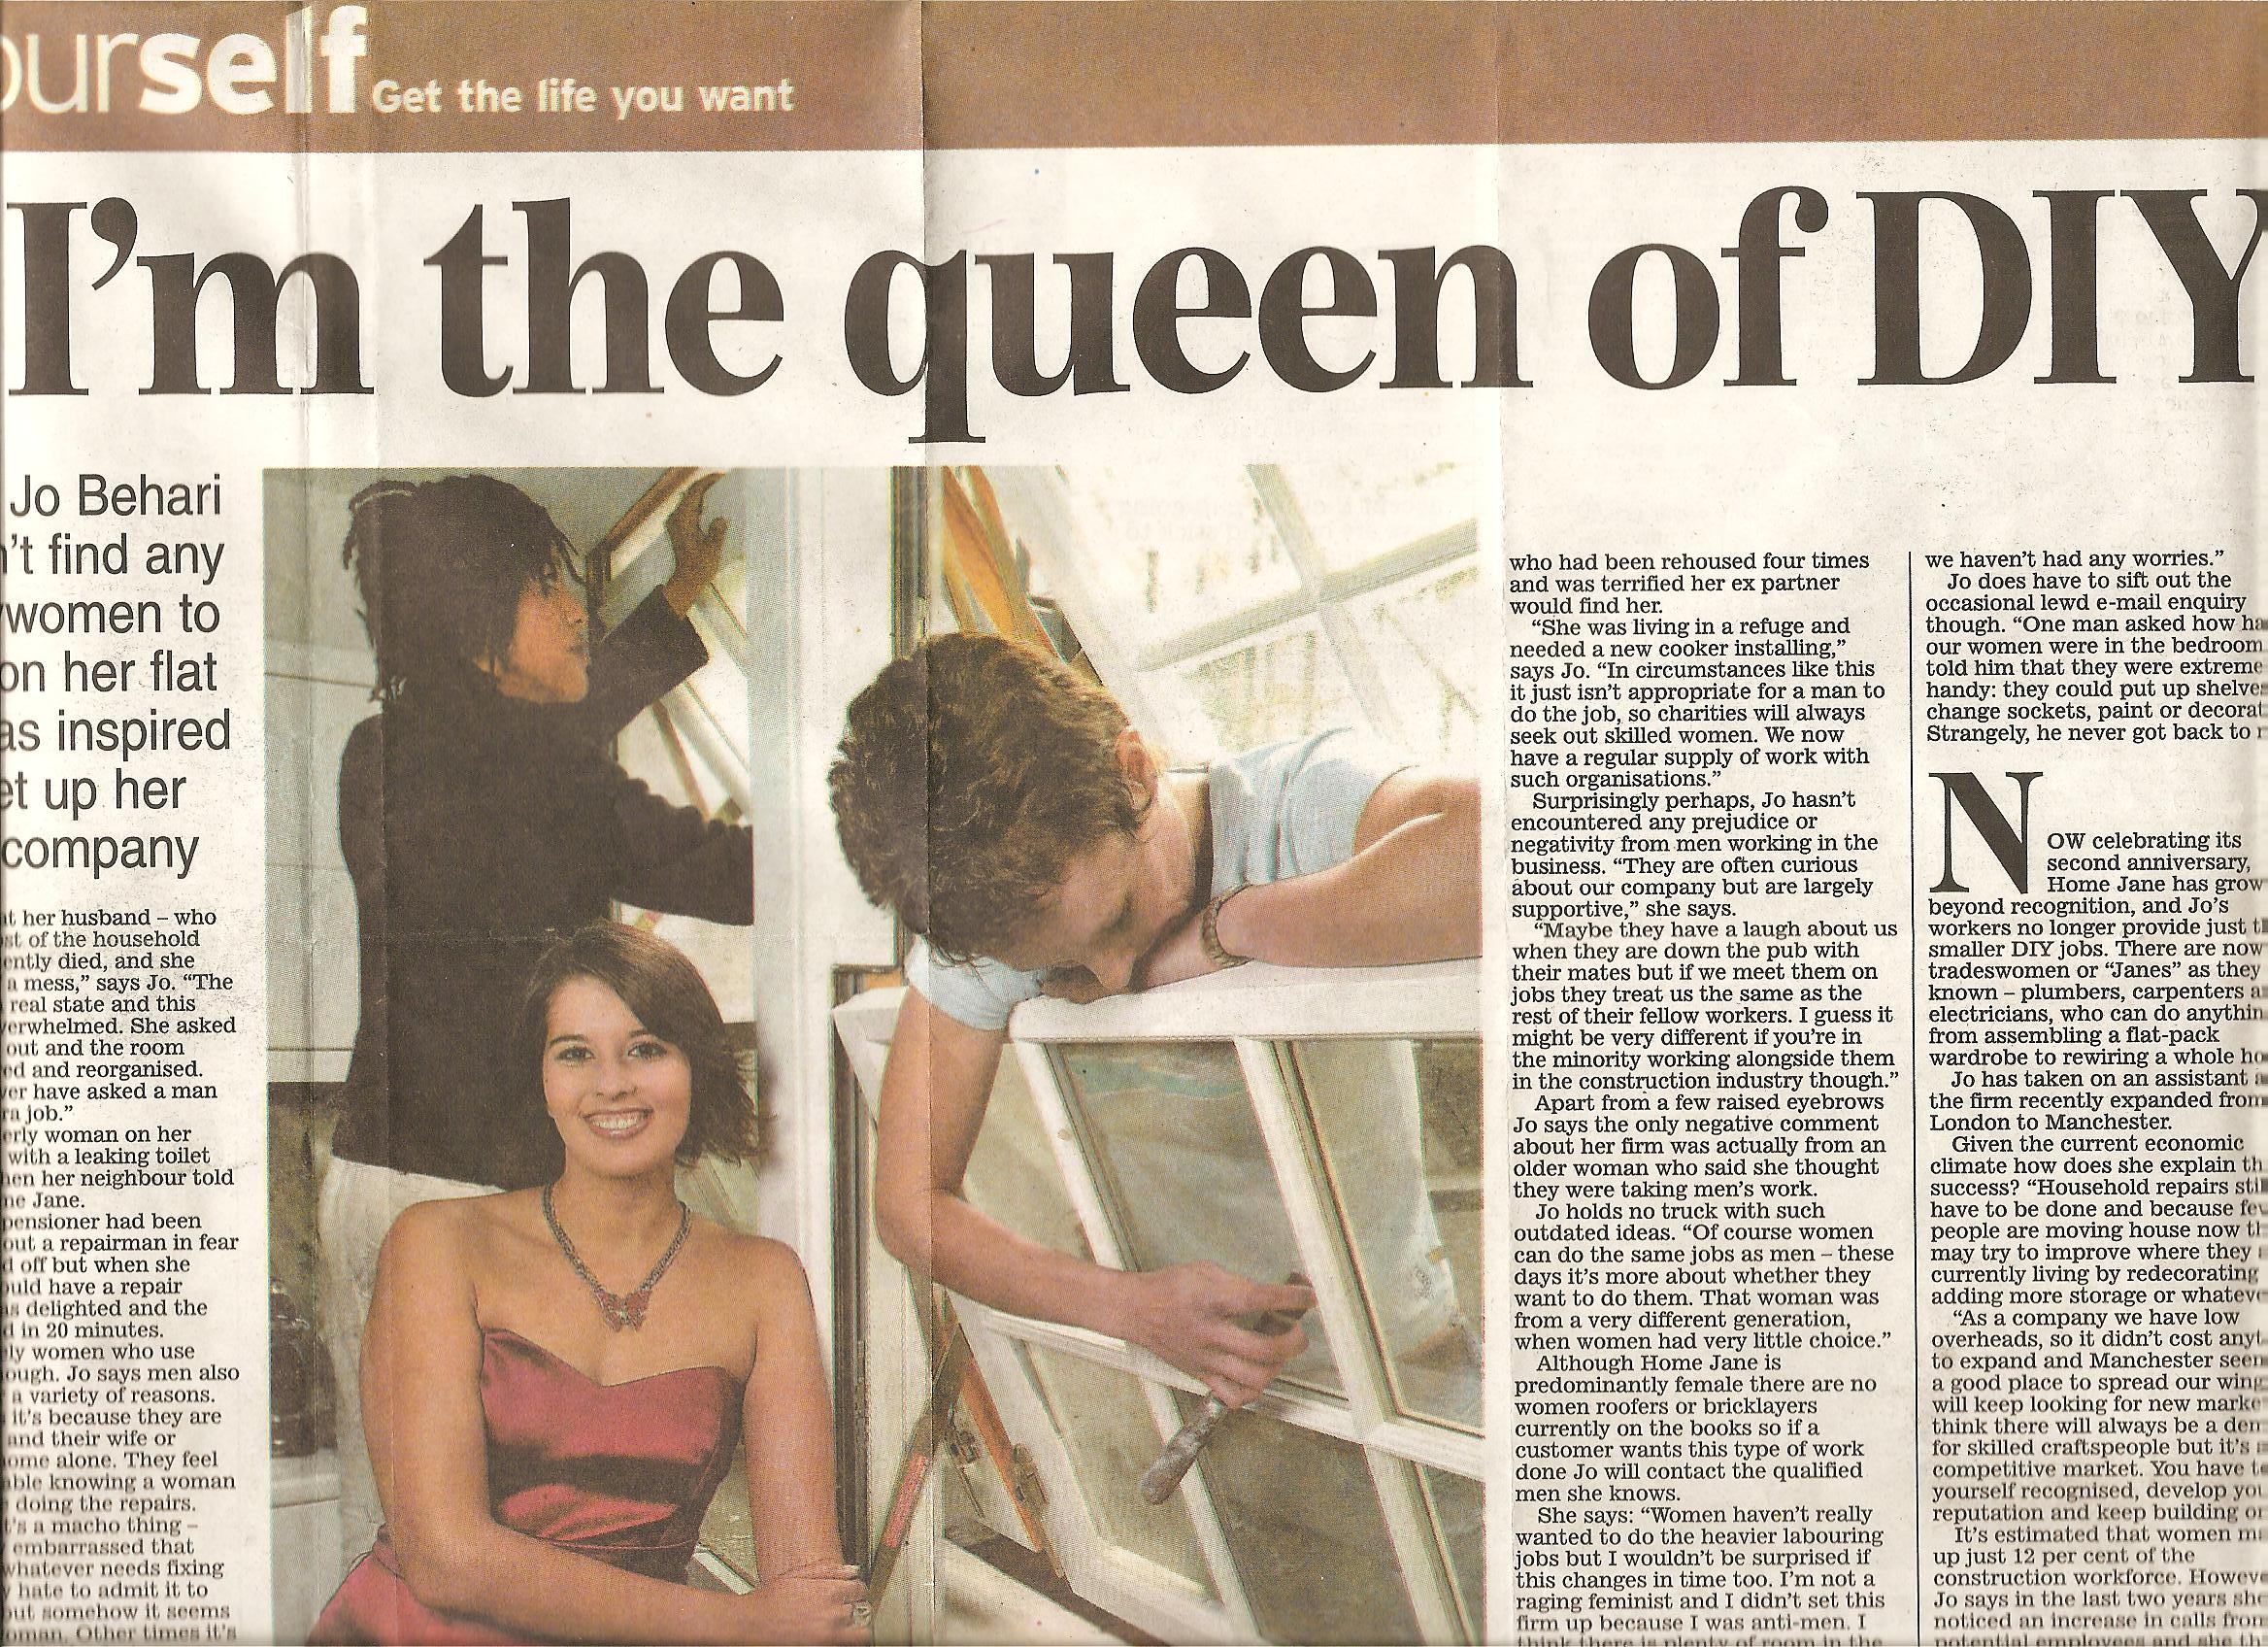 Daily Express Nov 2009